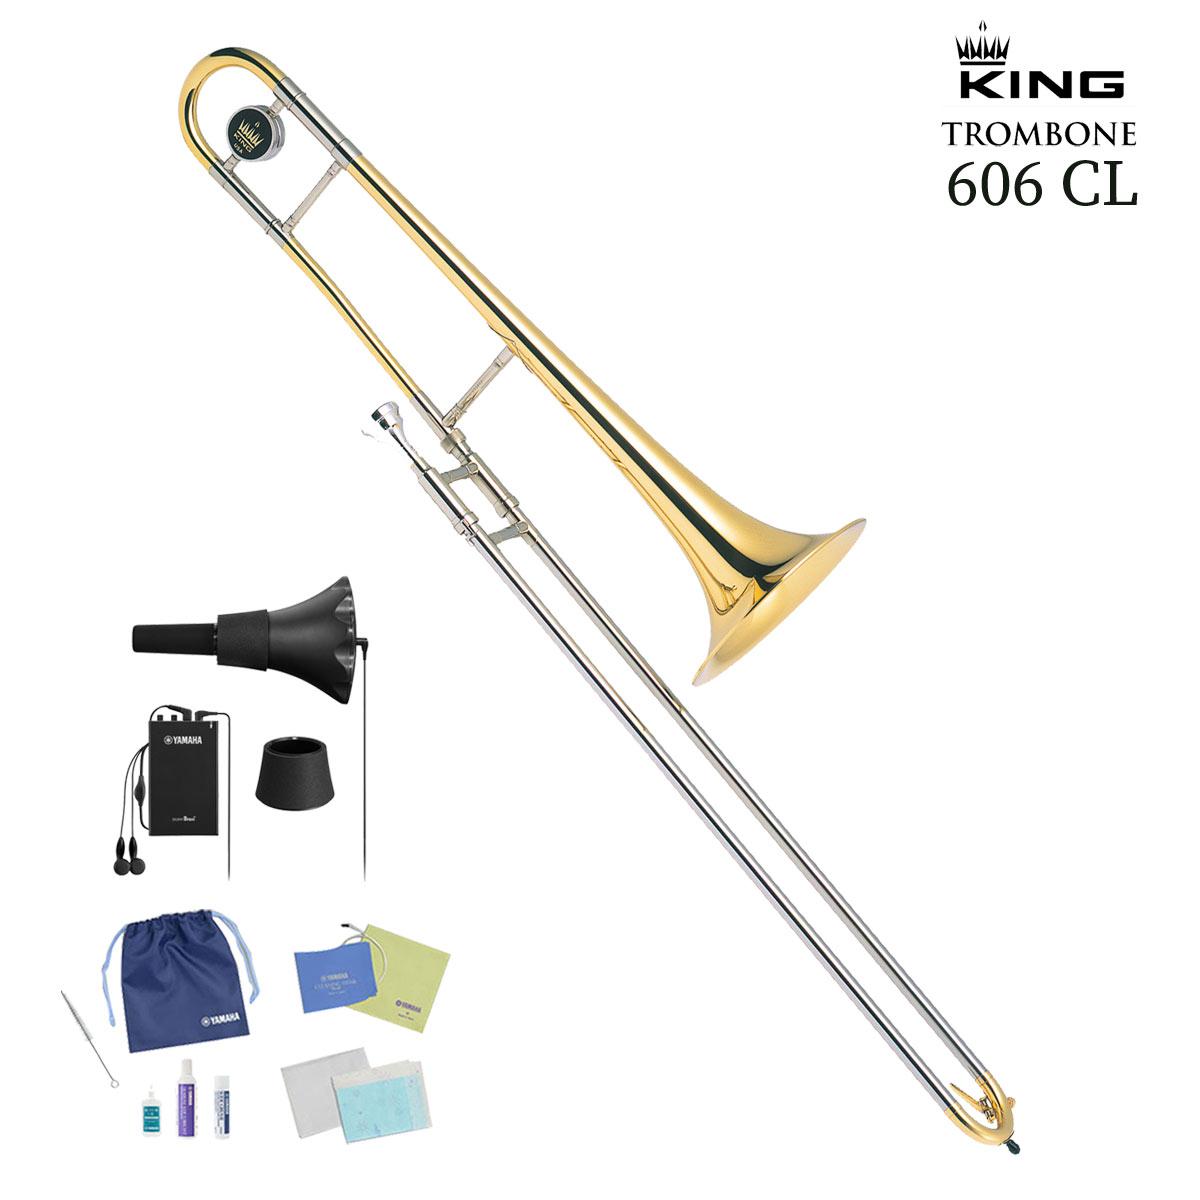 【タイムセール:7月2日12時まで】KING / 606 キング 606 USA製 テナートロンボーン ラッカー仕上げ《サイトレントブラスセット》